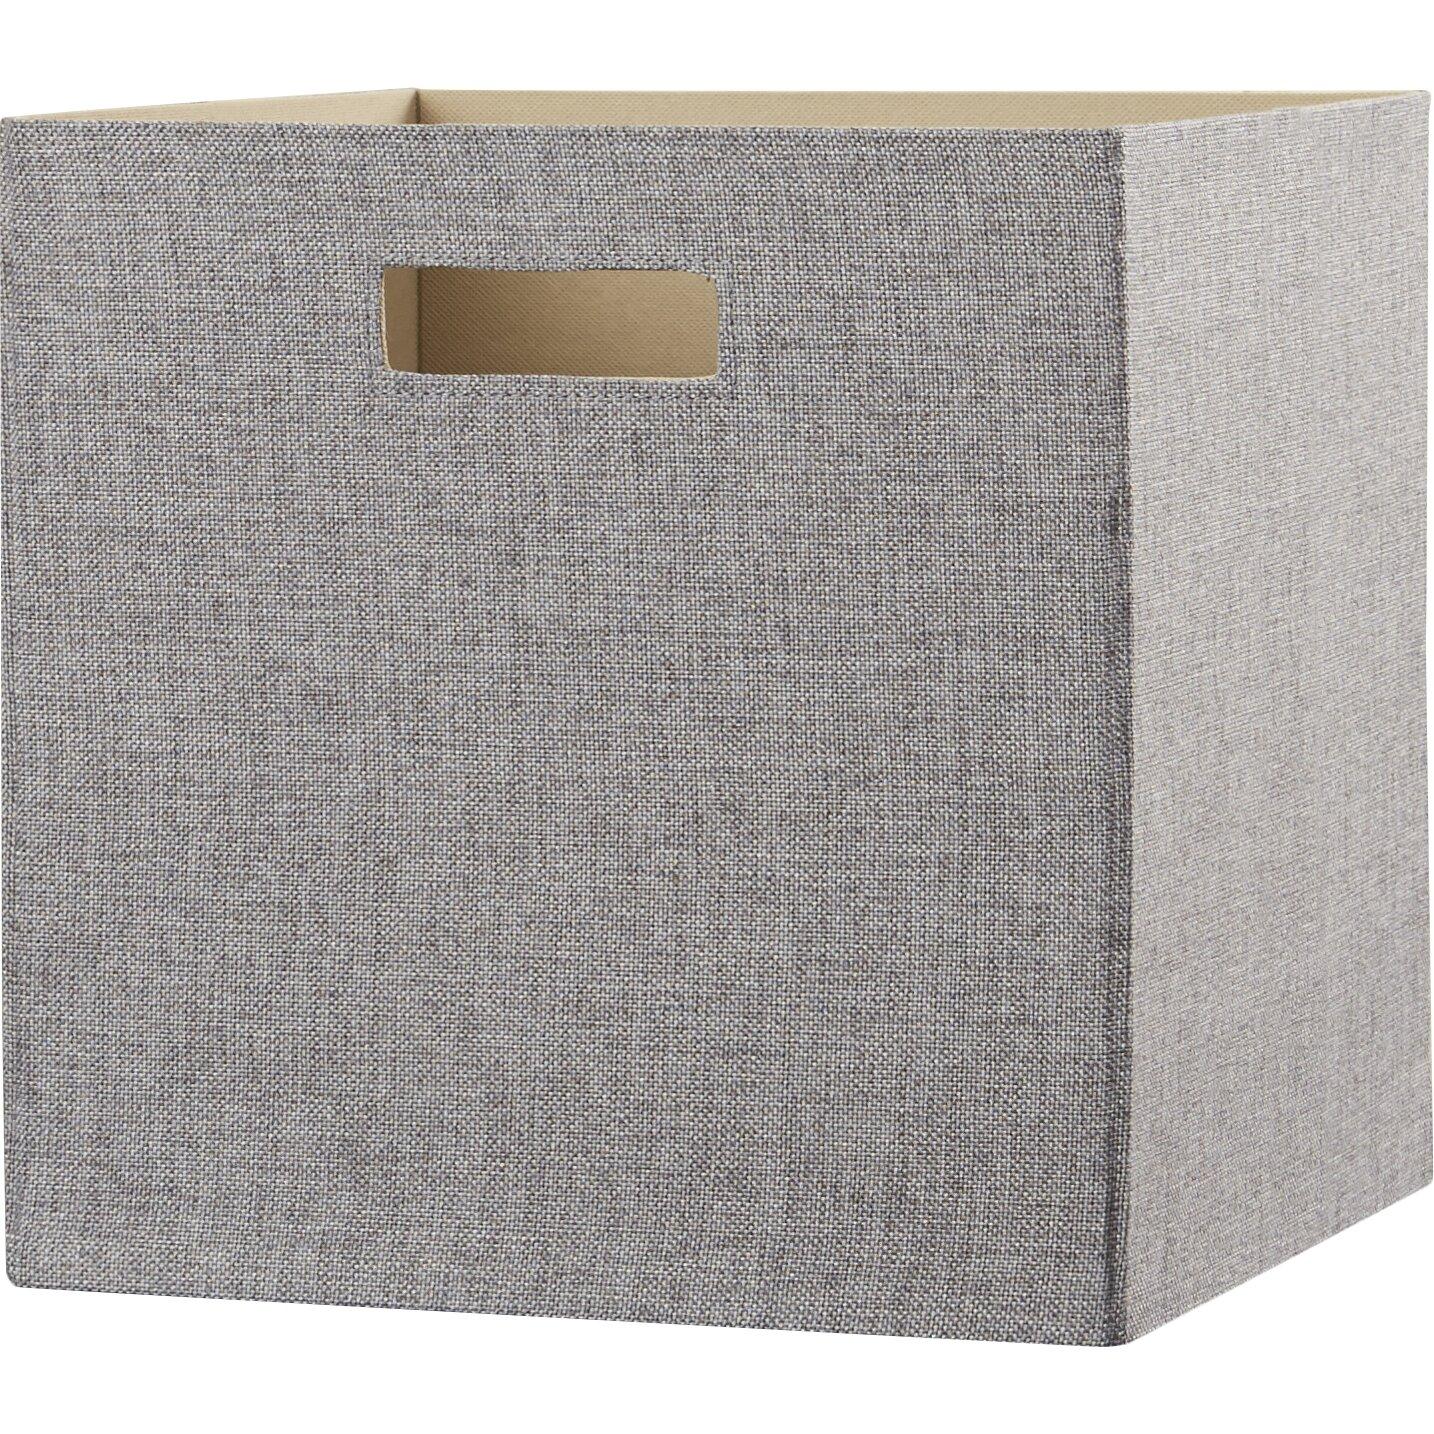 Storage Boxes Storage BinsStorage Baskets Youll Love